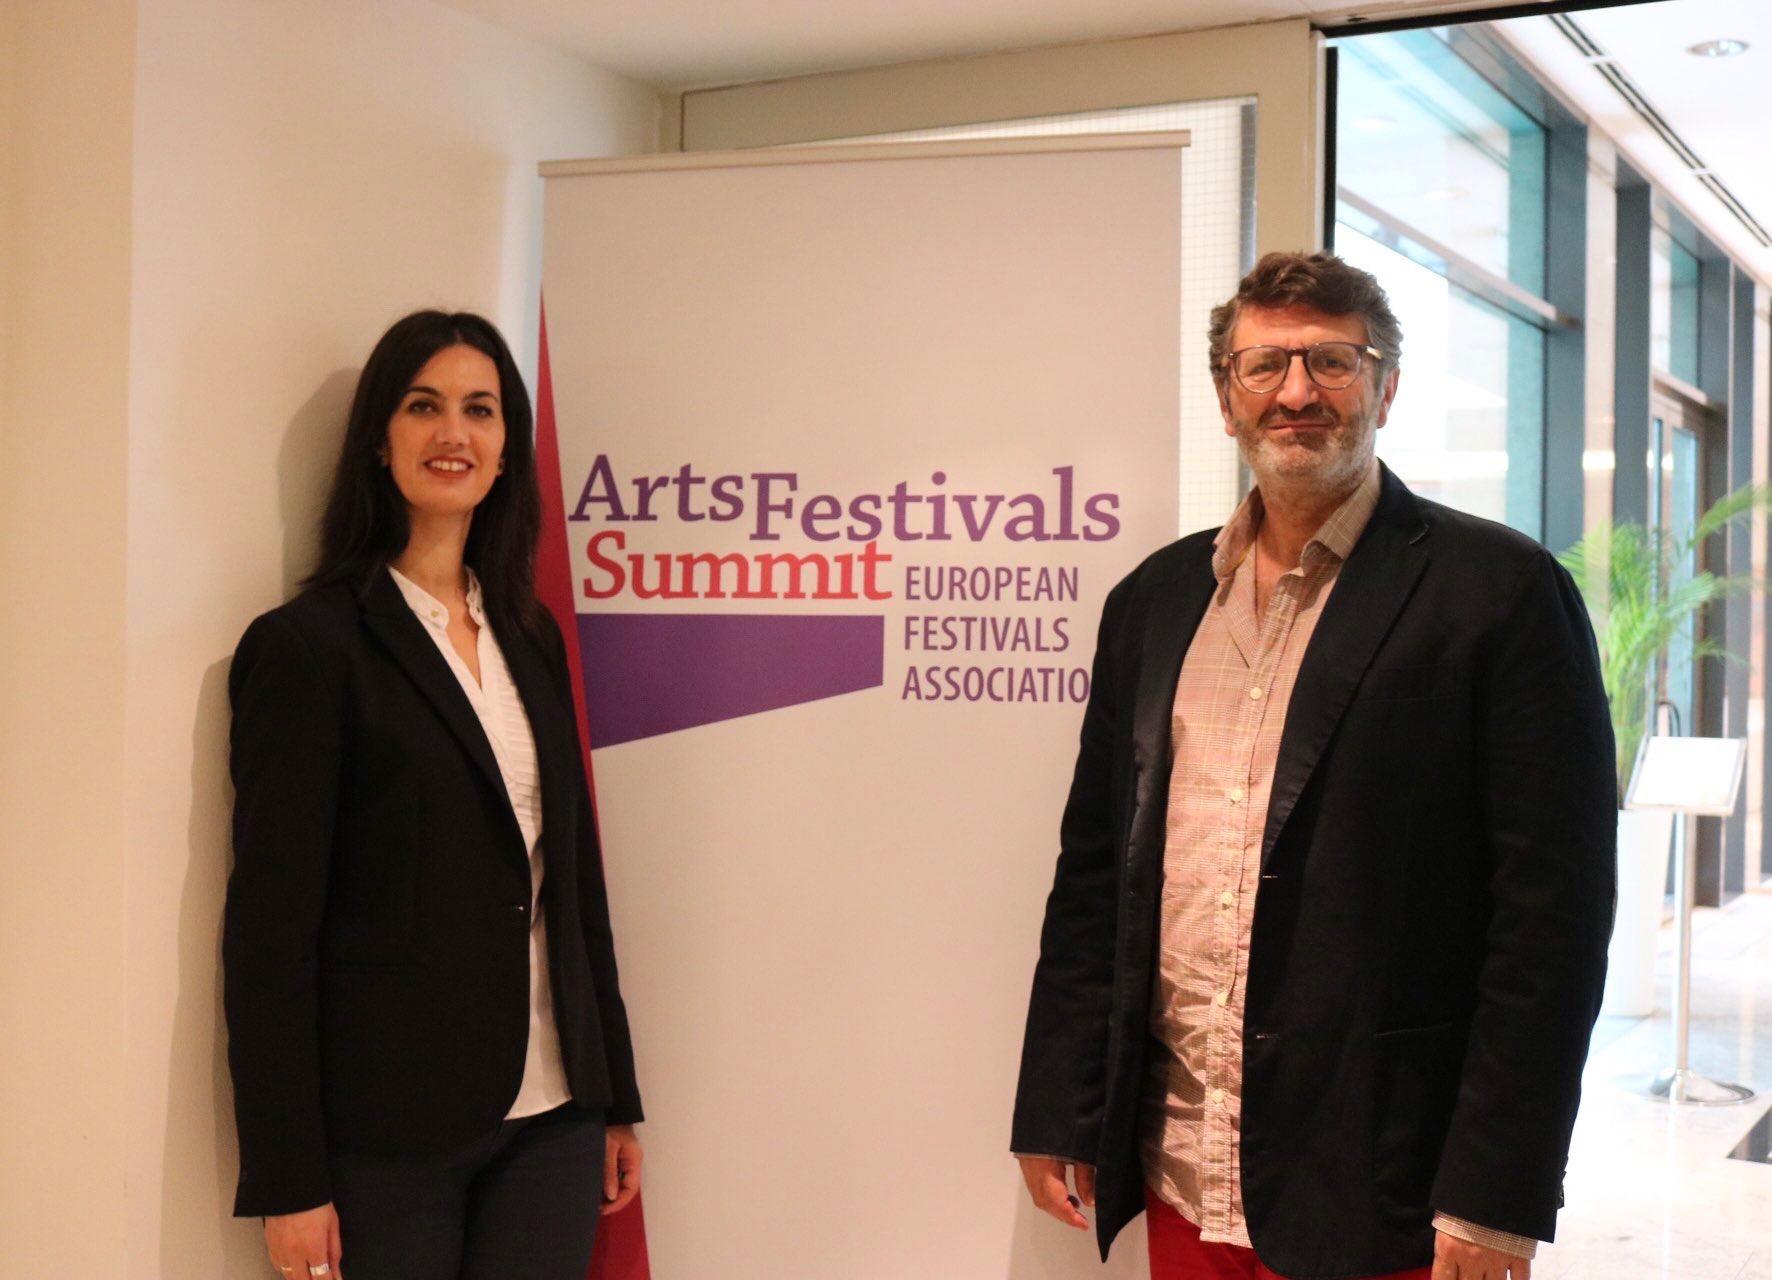 El Festival de Mérida participa en Liubliana en la Cumbre de Festivales de las Artes de Europa